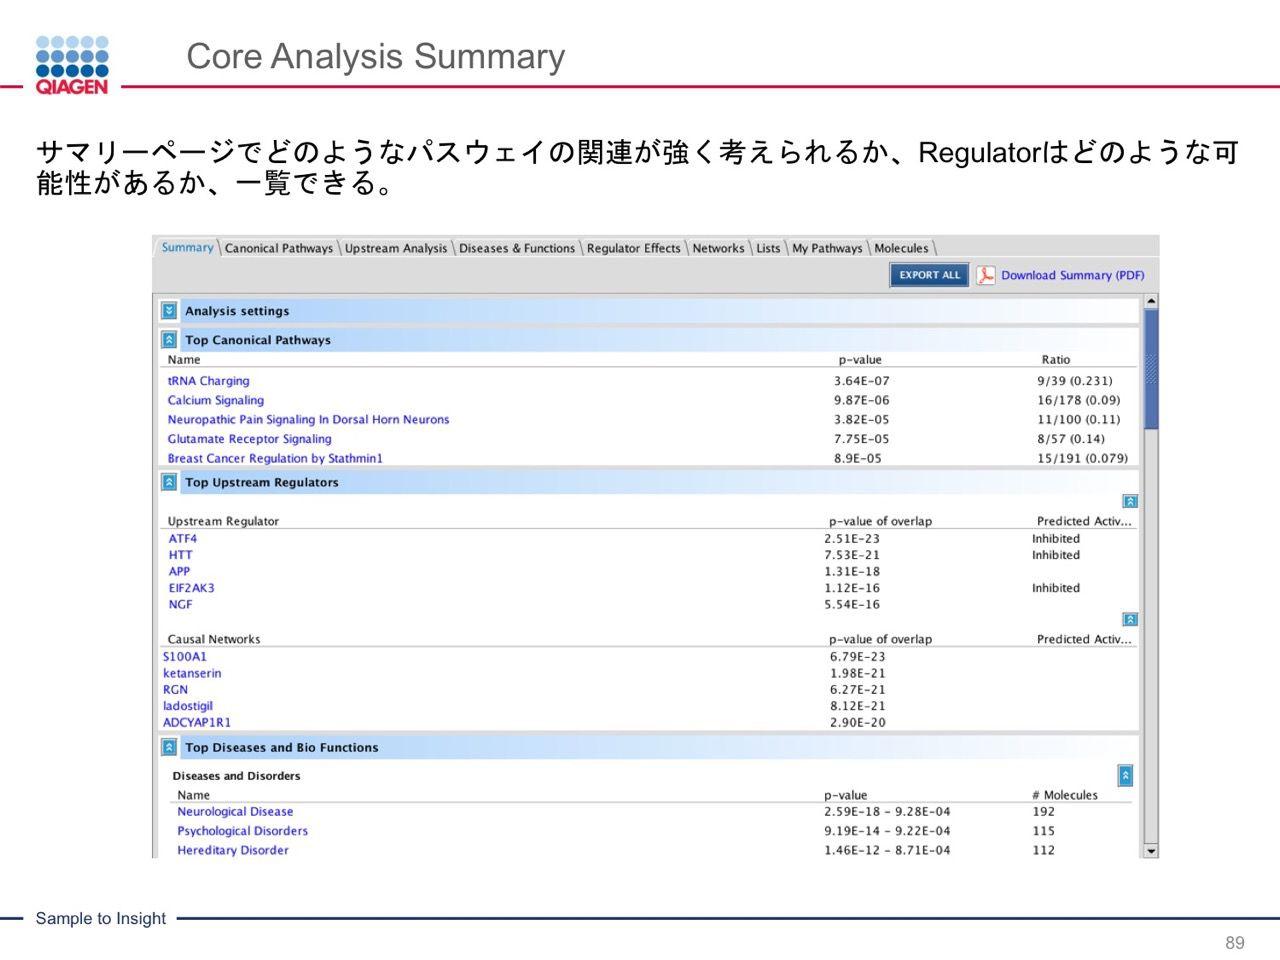 images/AJACSa2_miyamoto_089.jpg